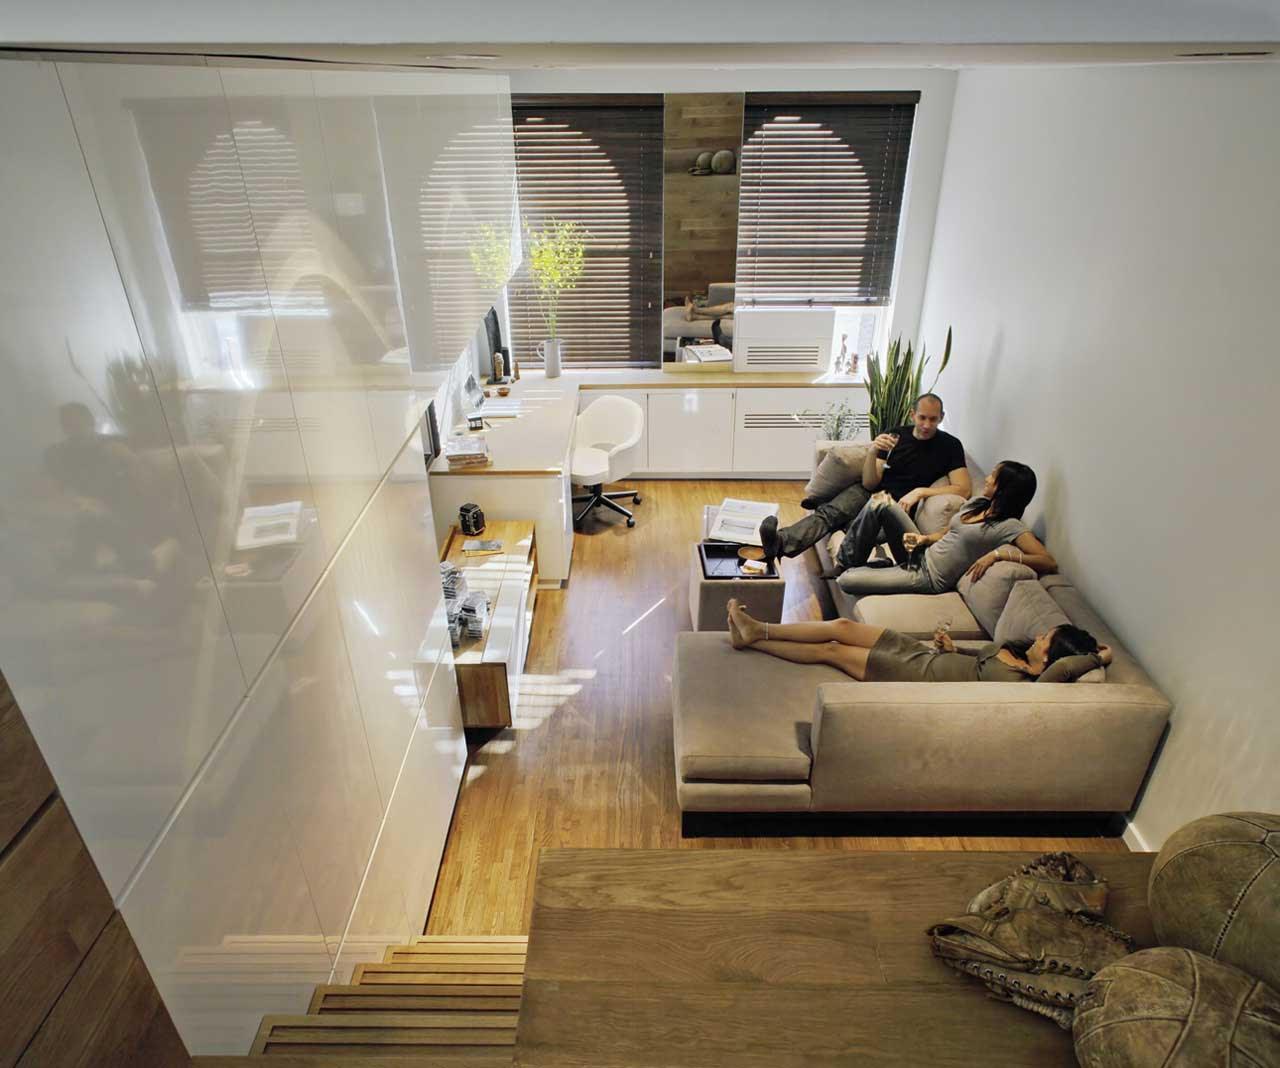 Desain Ruang Tamu Kecil Kumpulan Desain Rumah